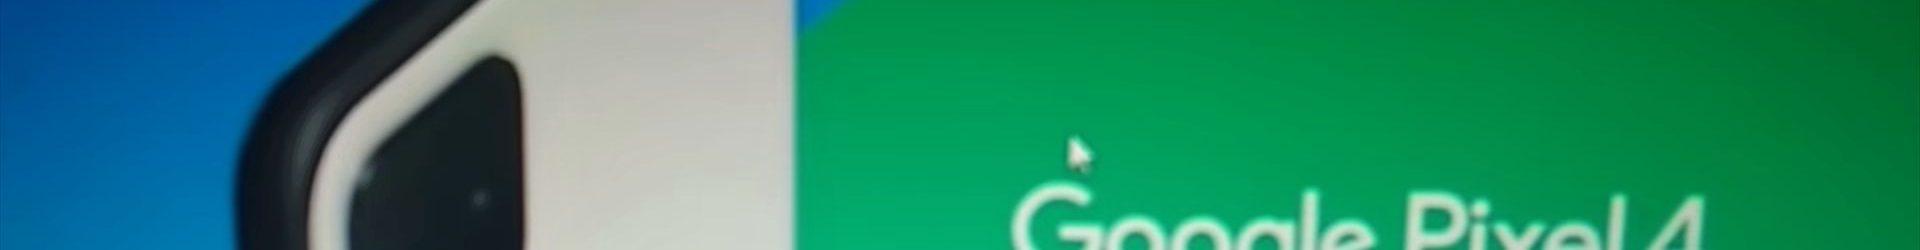 Google Pixel 4: ecco il video pubblicitario apparso online